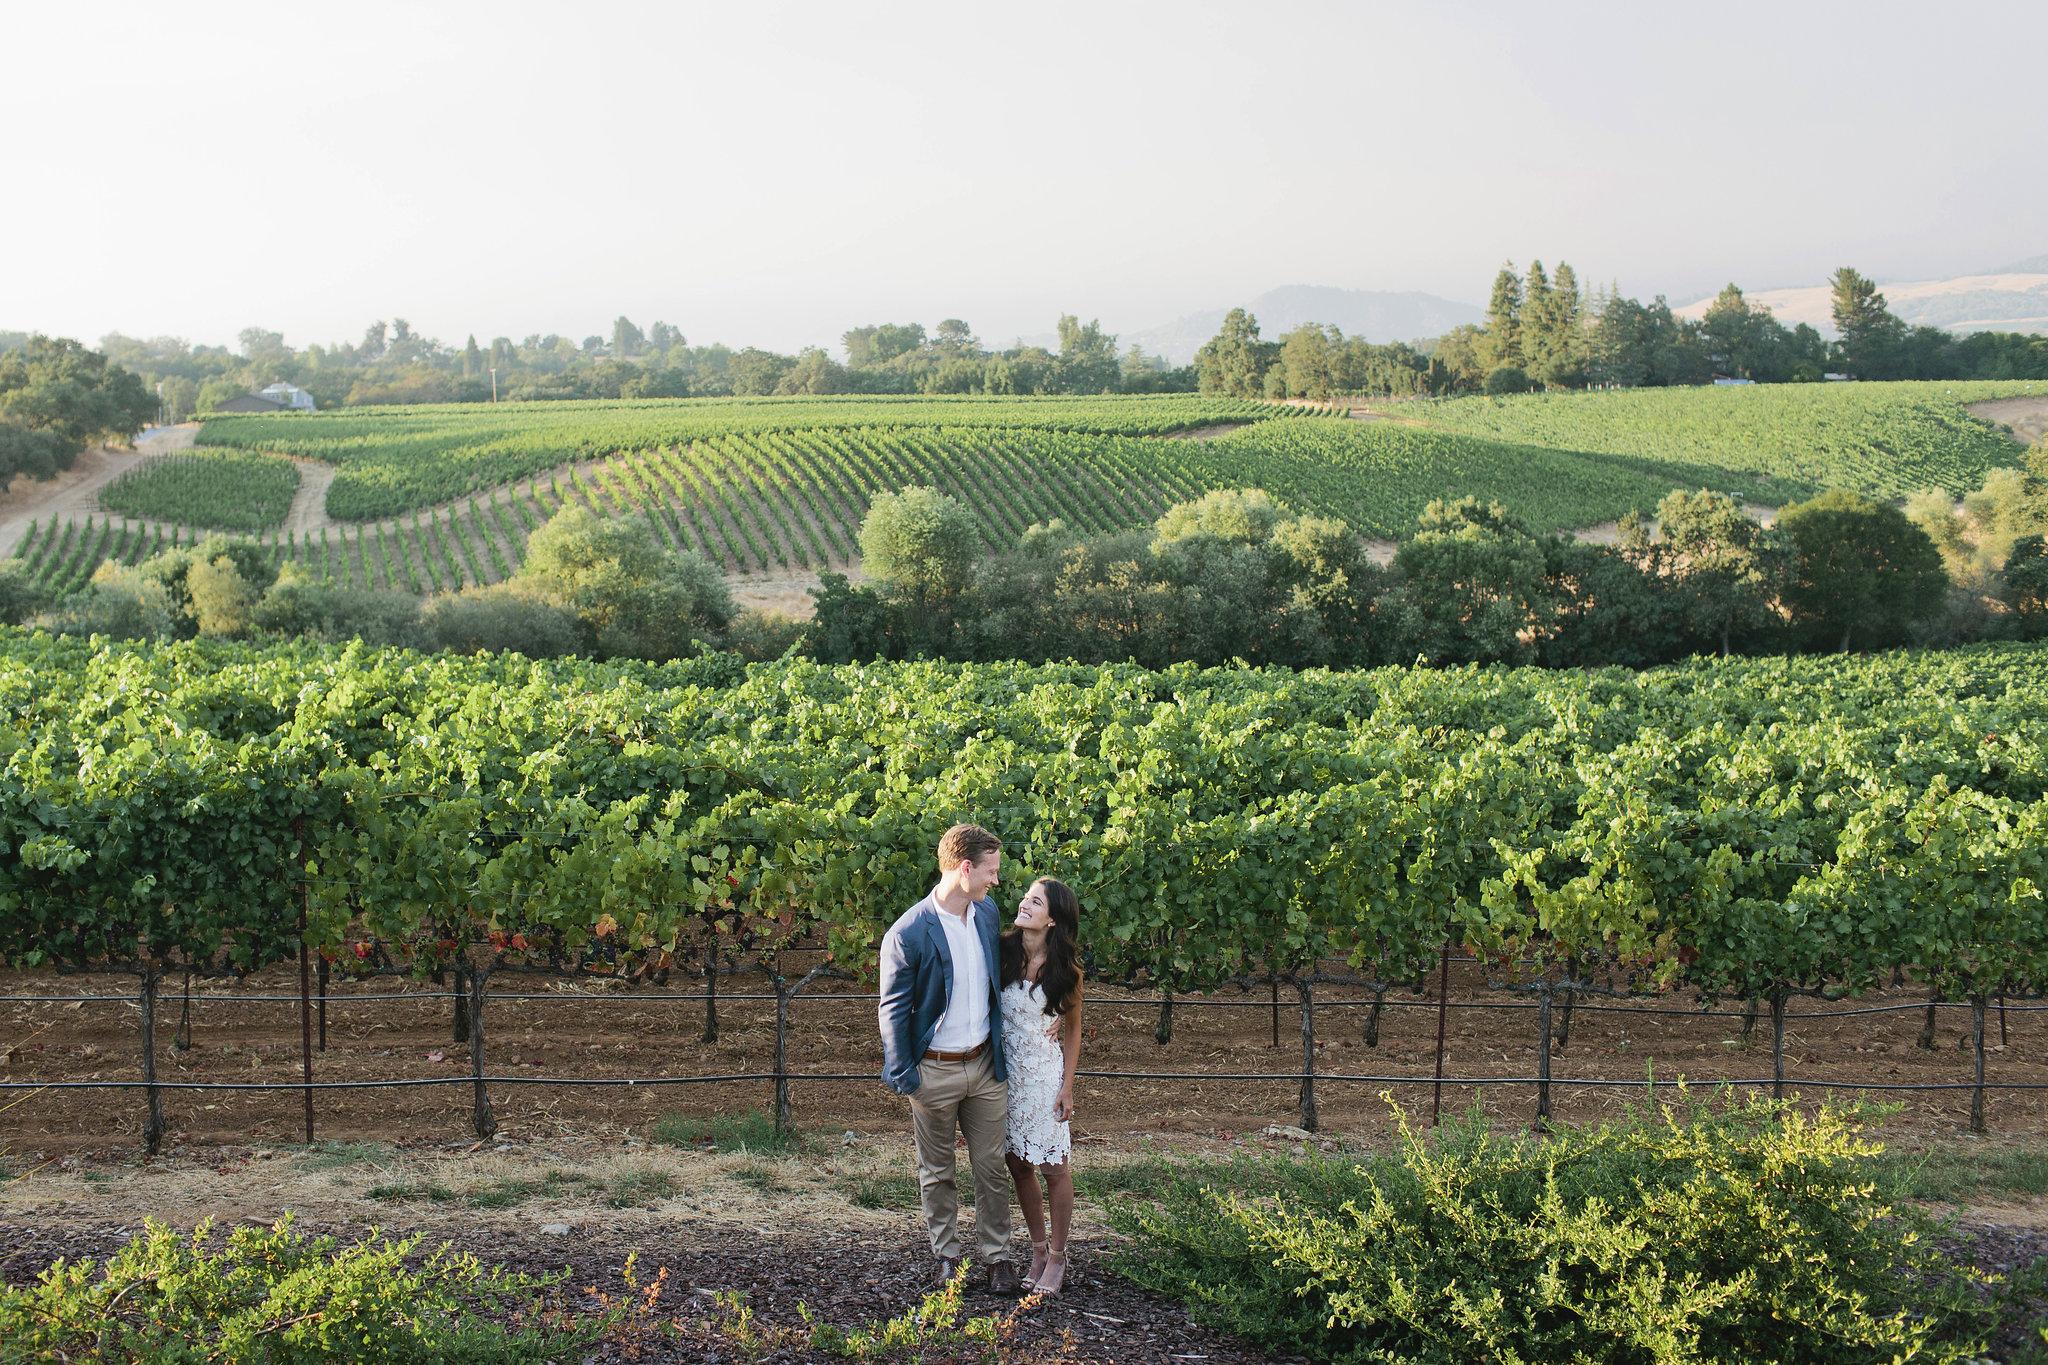 MacRostie-Winery-Wedding-014.JPG